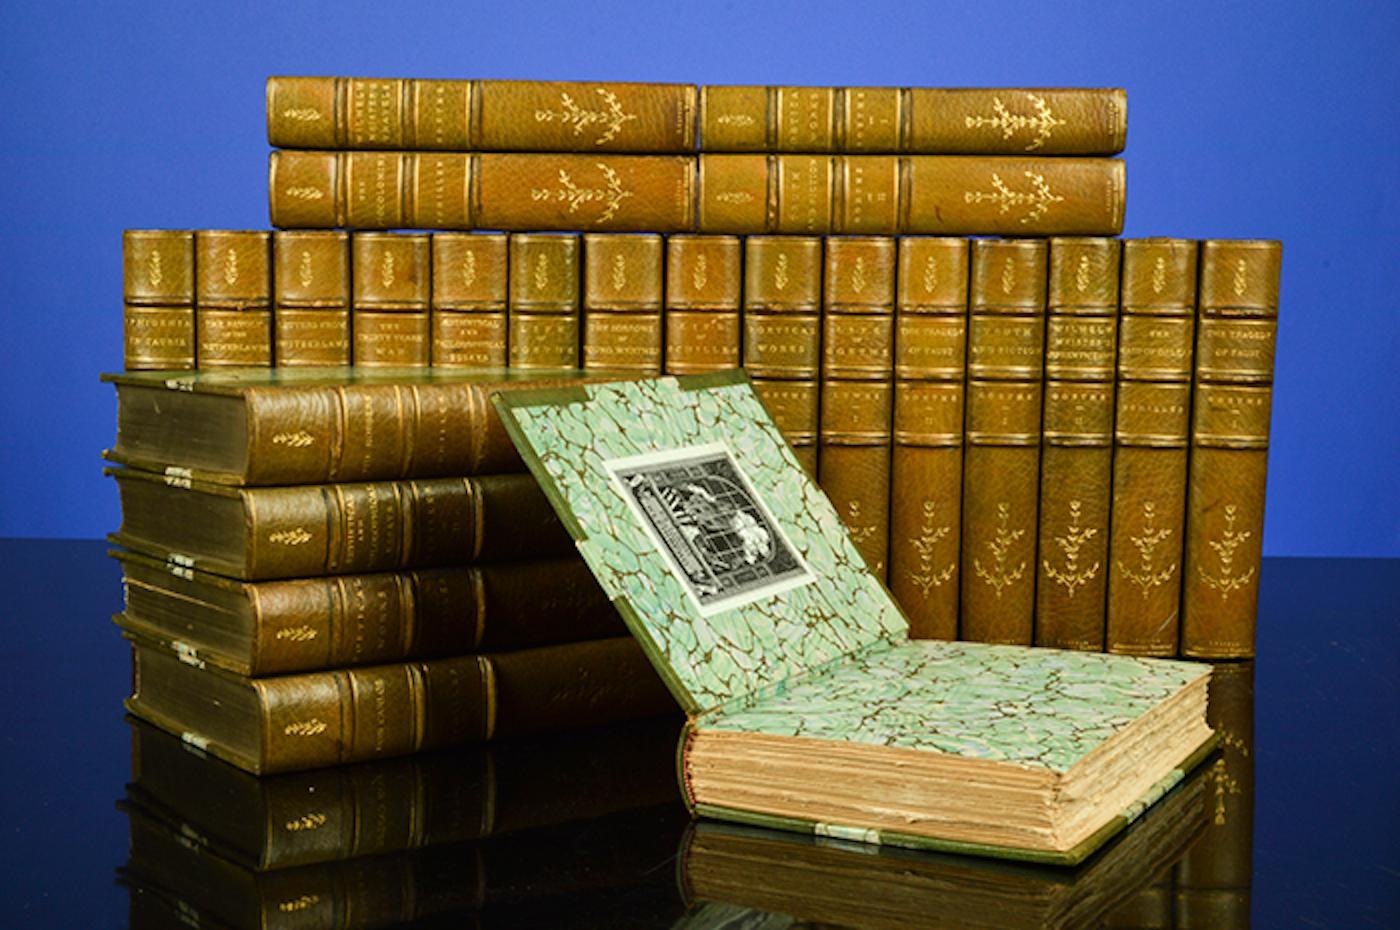 Works of J.W. von Goethe [tand] The Works of Friedrich Schiller, The: GOETHE, Johann Wolfgang von; ...